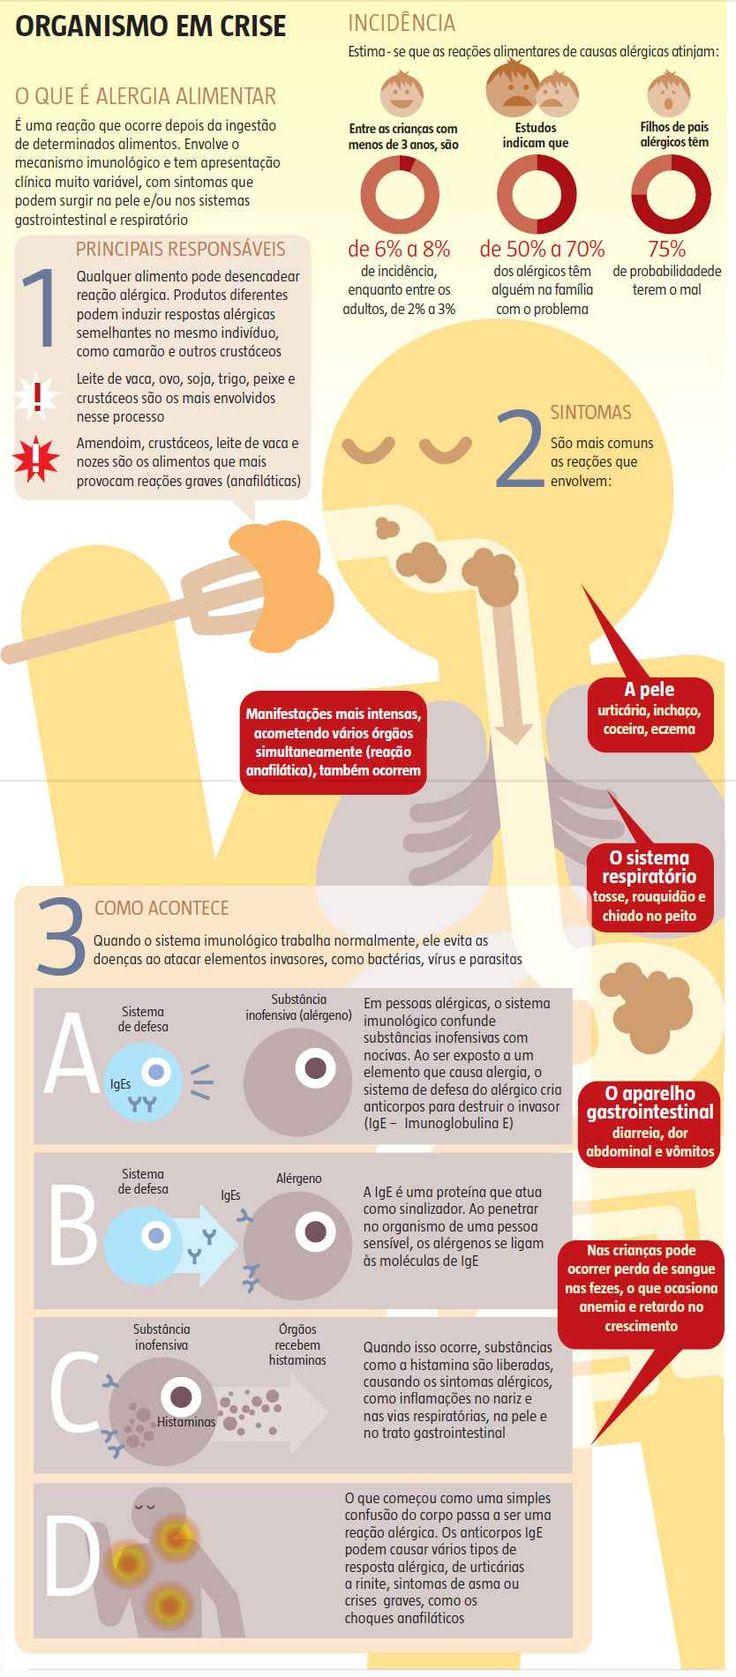 Semana de Conscientização sobre Alergia Alimentar! Confira no infográfico abaixo os principais alimentos causadores de alergia, sintomas e como acontece no nosso organismo. Você também encontra diversas informações e receitas no nosso blog: https://www.emporioecco.com.br/blog/alergia-alimentar/